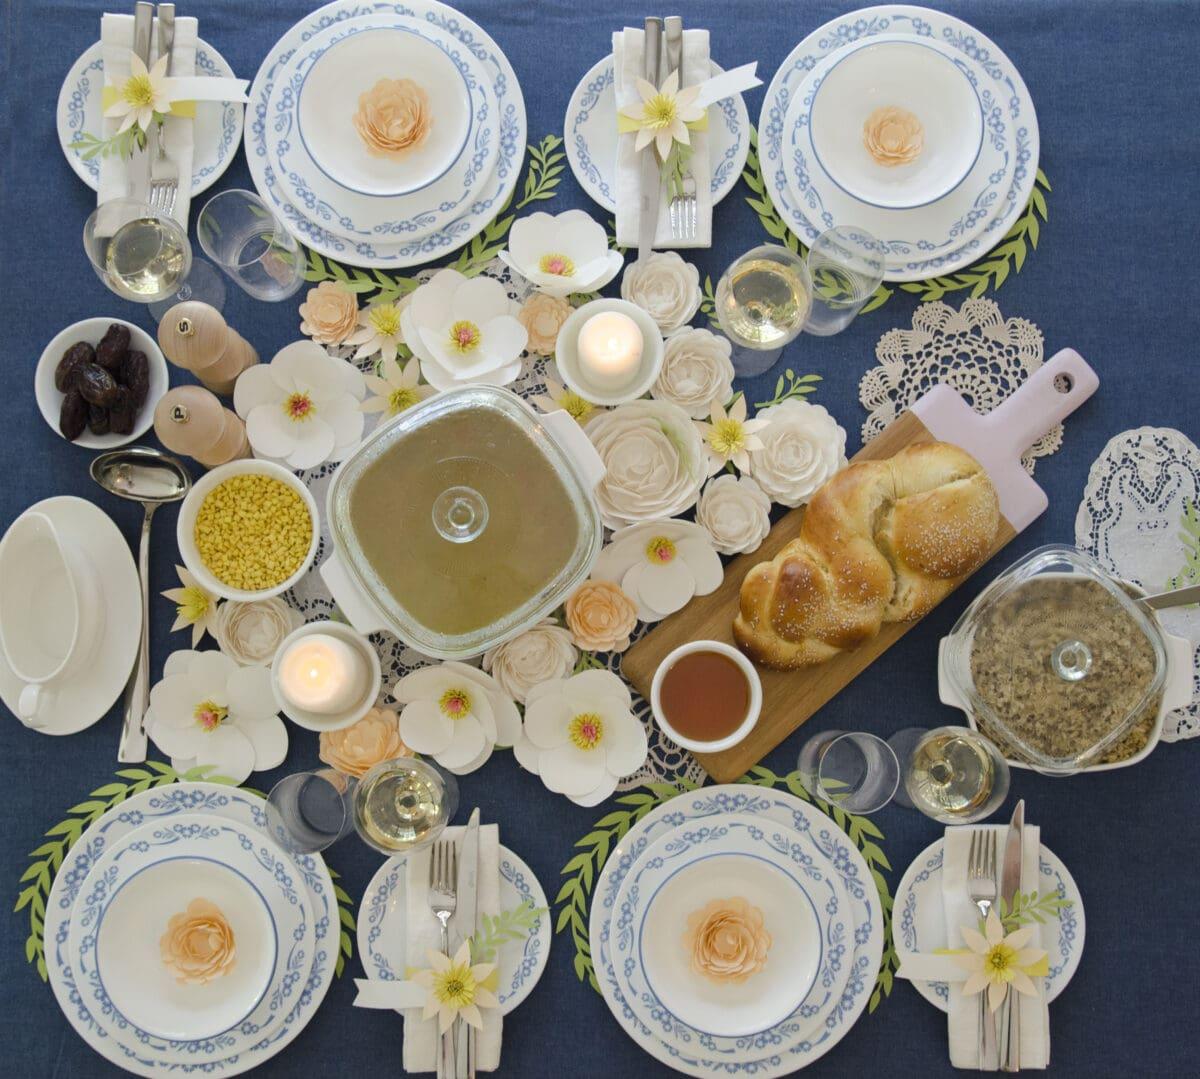 שולחן חג ערוך עם פרחי נייר